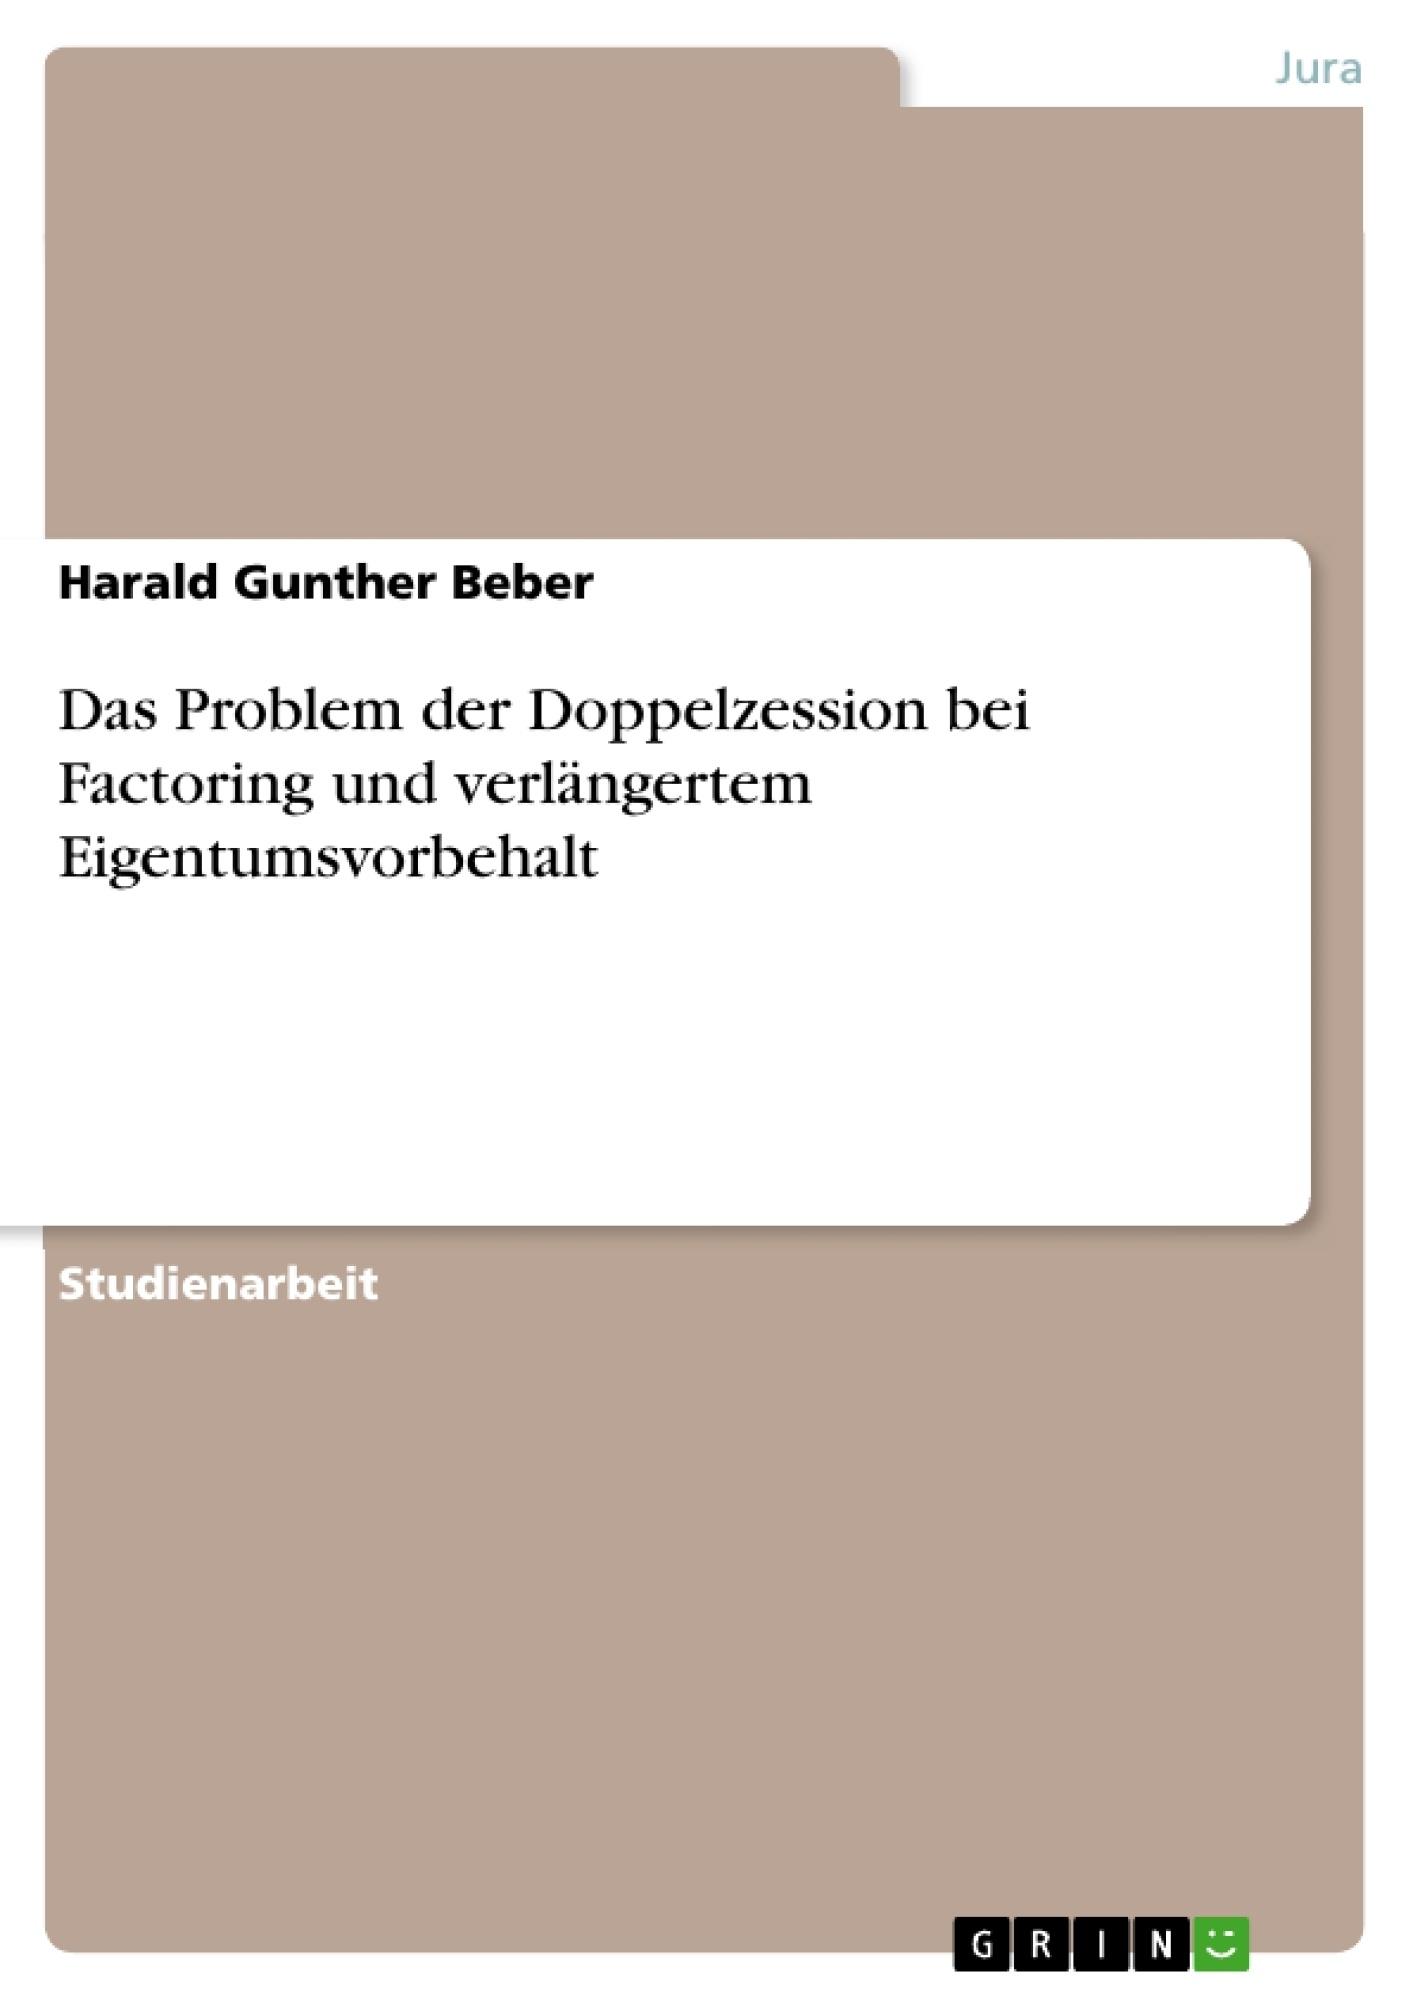 Titel: Das Problem der Doppelzession bei Factoring und verlängertem Eigentumsvorbehalt